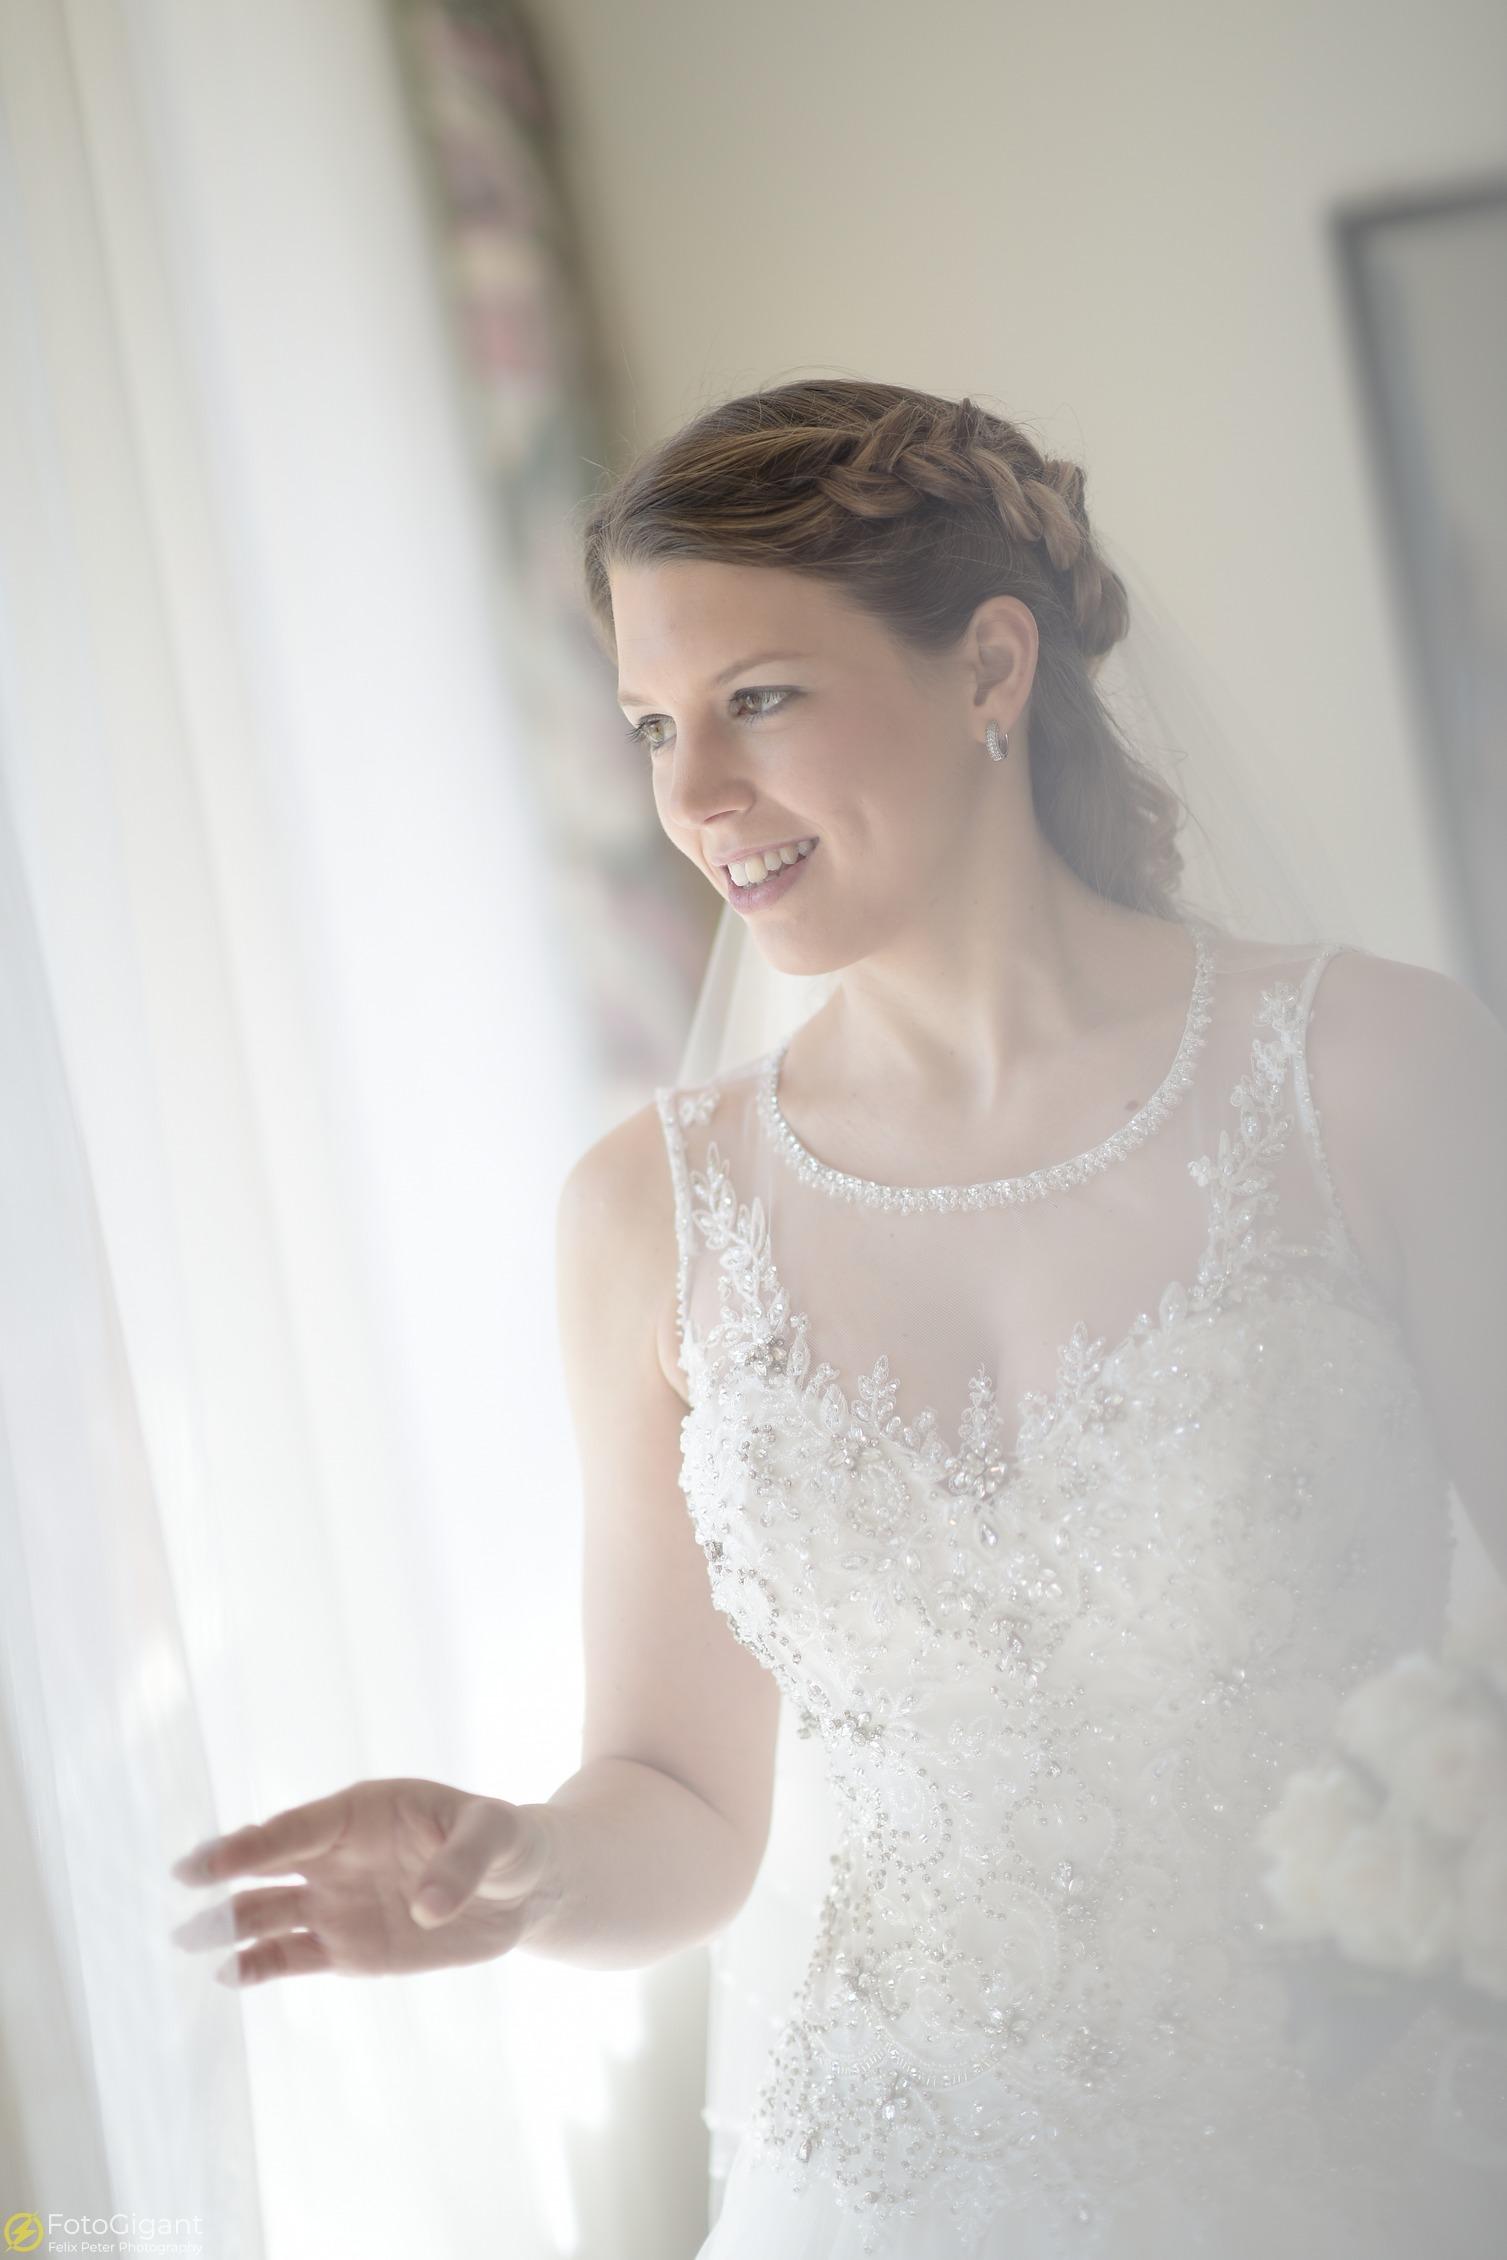 Hochzeitsfotografie_Workshop_Interlaken_15.jpg